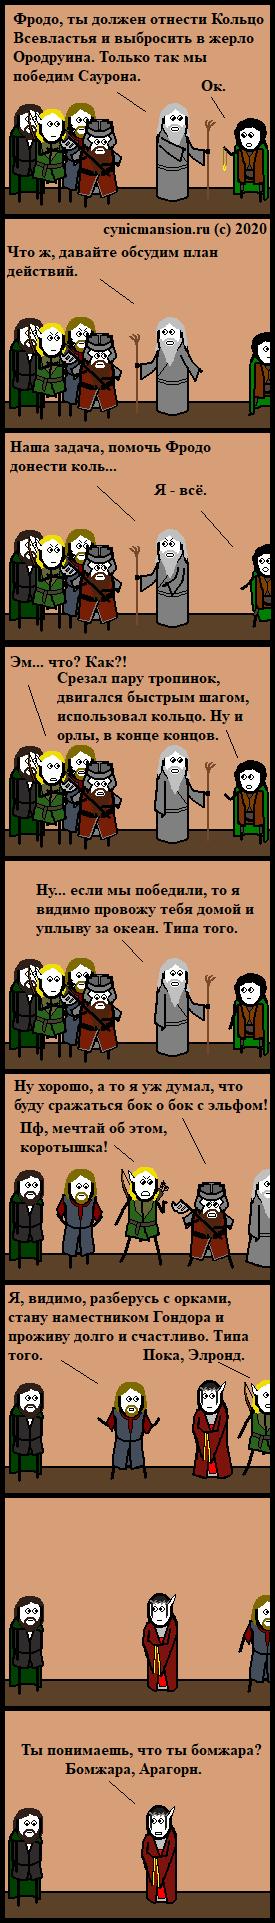 Властелинное